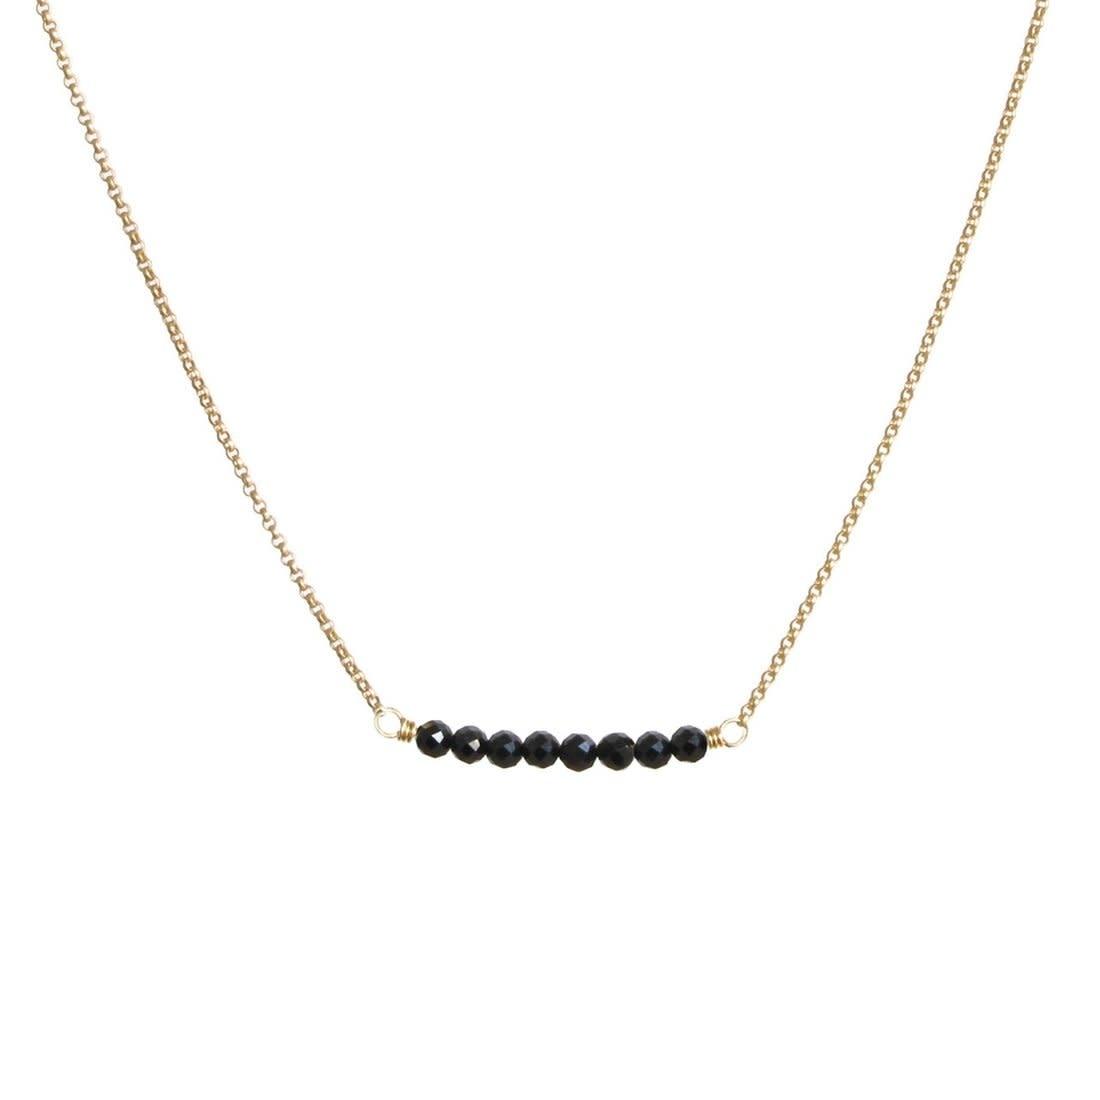 Cari Necklace